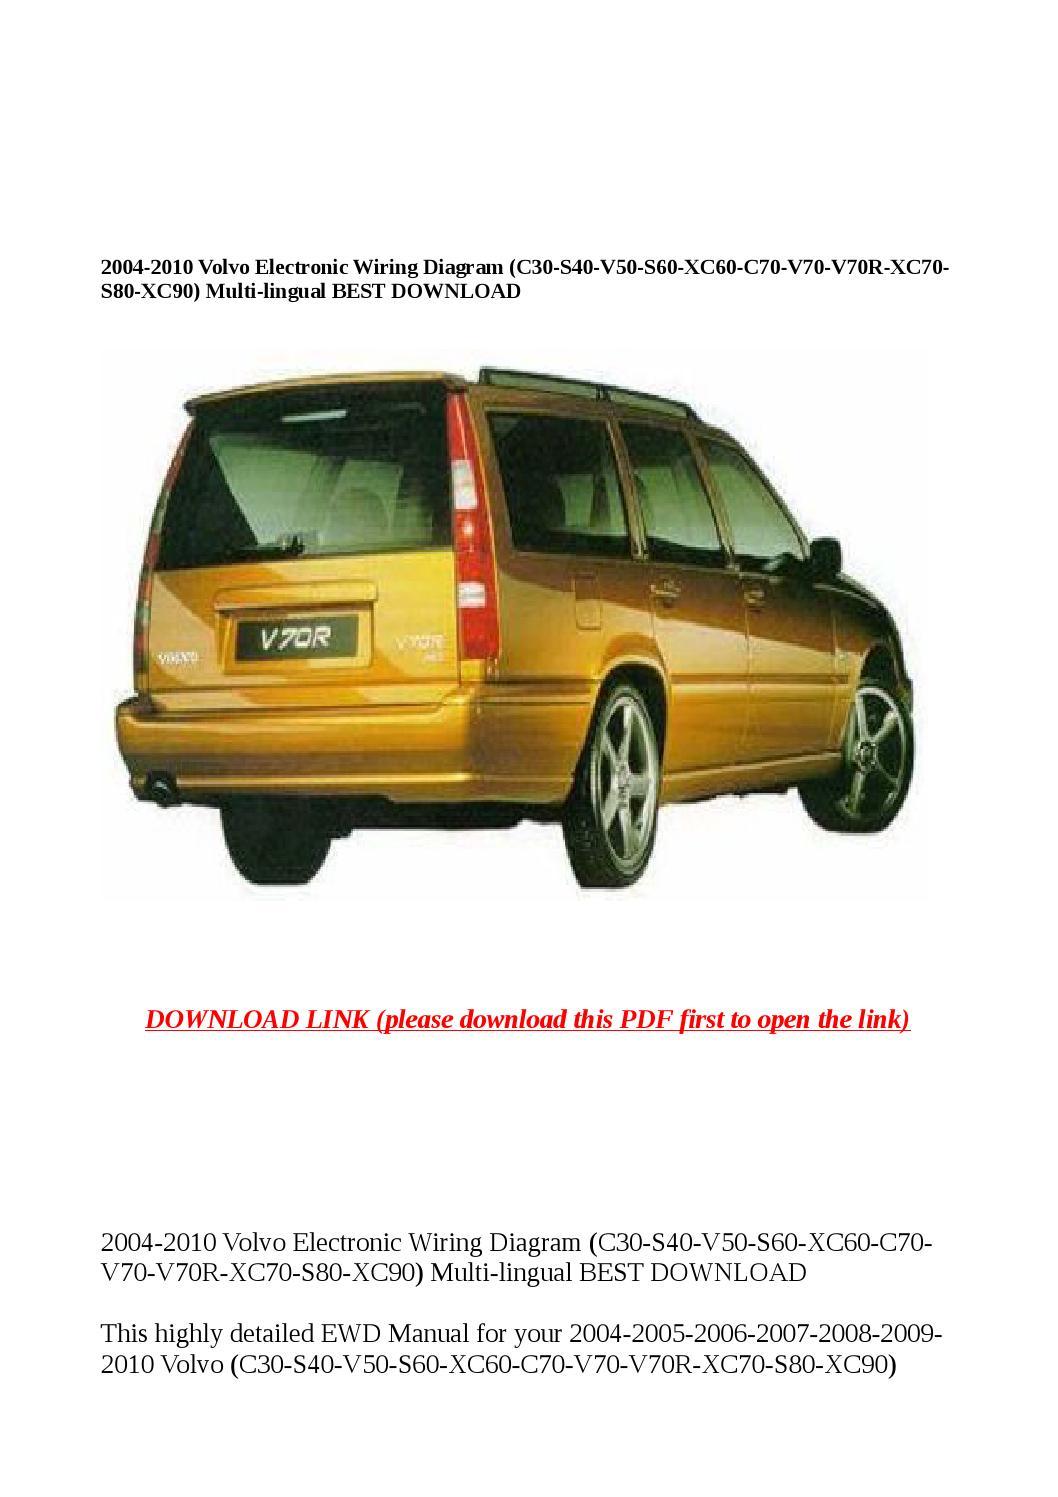 2006 volvo xc90 repair manual pdf